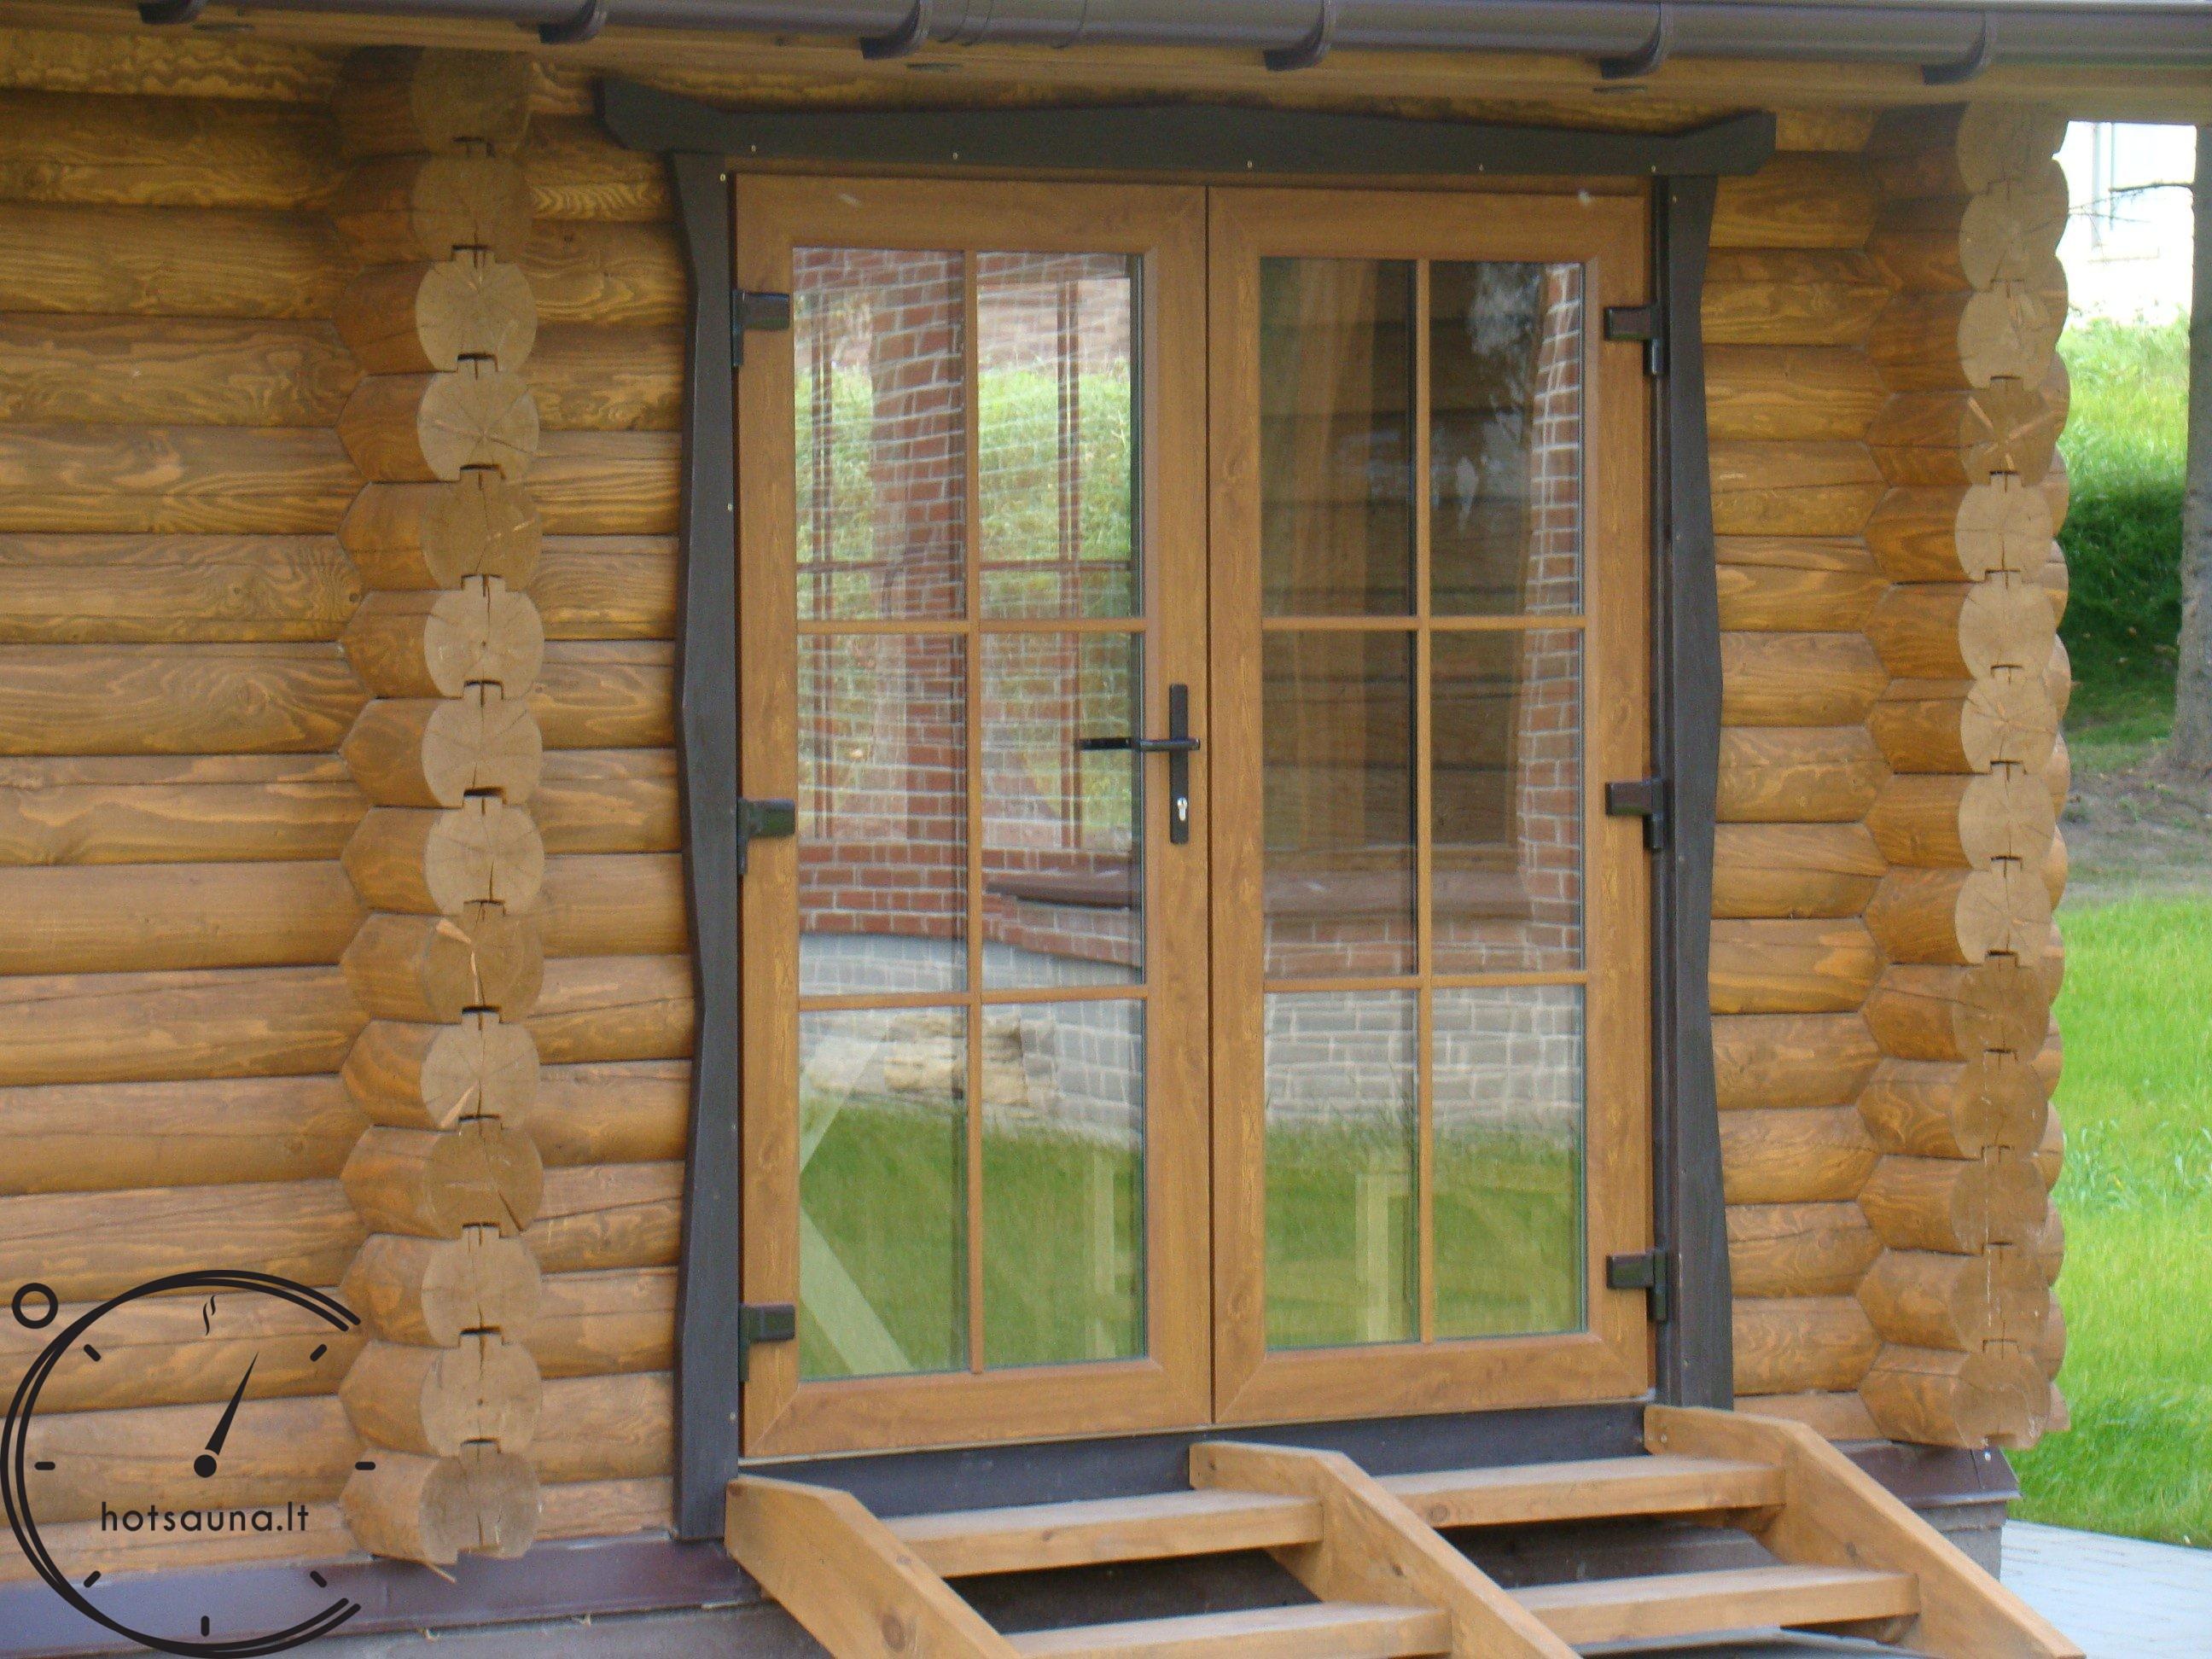 sauna build Log Homes Plane Bauherren Saunen Pavillons Gartenhauser Holz Landschafts Elemente Hauser rauchen Kinderspielplatzeiksteles Badern Saunen Bad-Komplex Bad dzekuzi Bader Saunen (61)